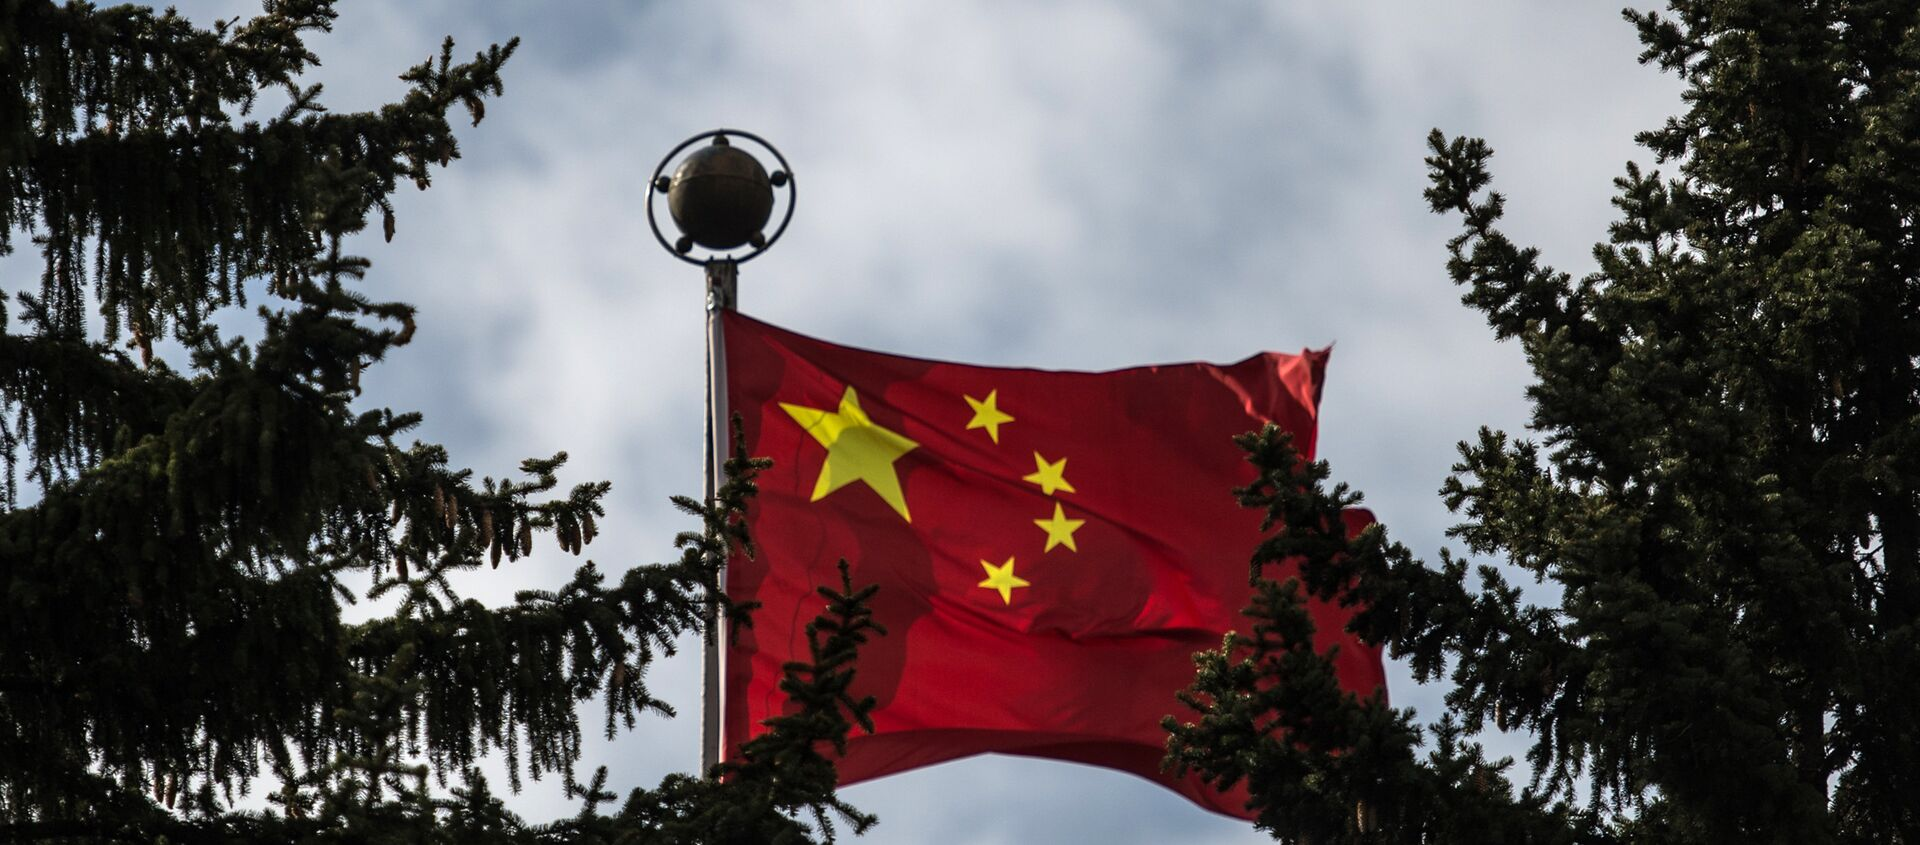 La bandiera della Cina - Sputnik Italia, 1920, 20.03.2018